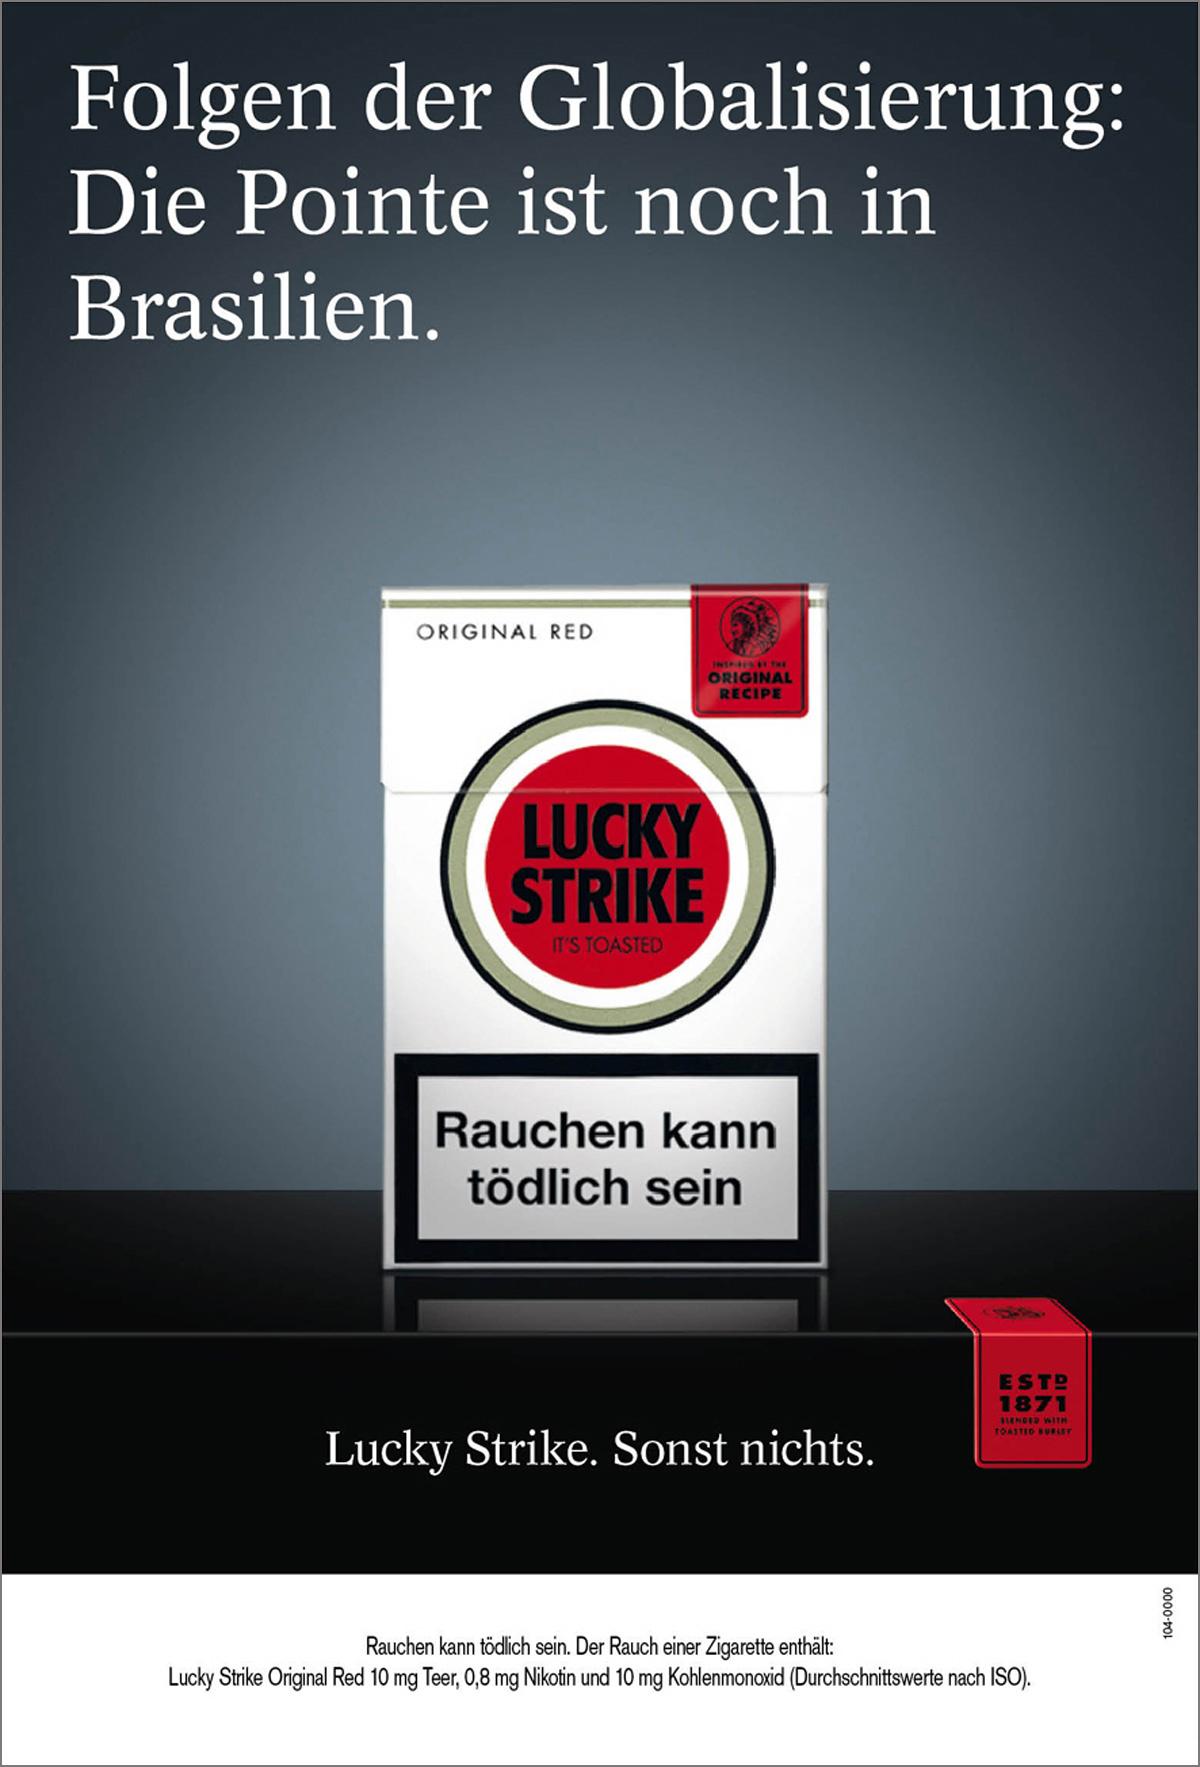 Motiv_7_LuckyStrikeKlassiker